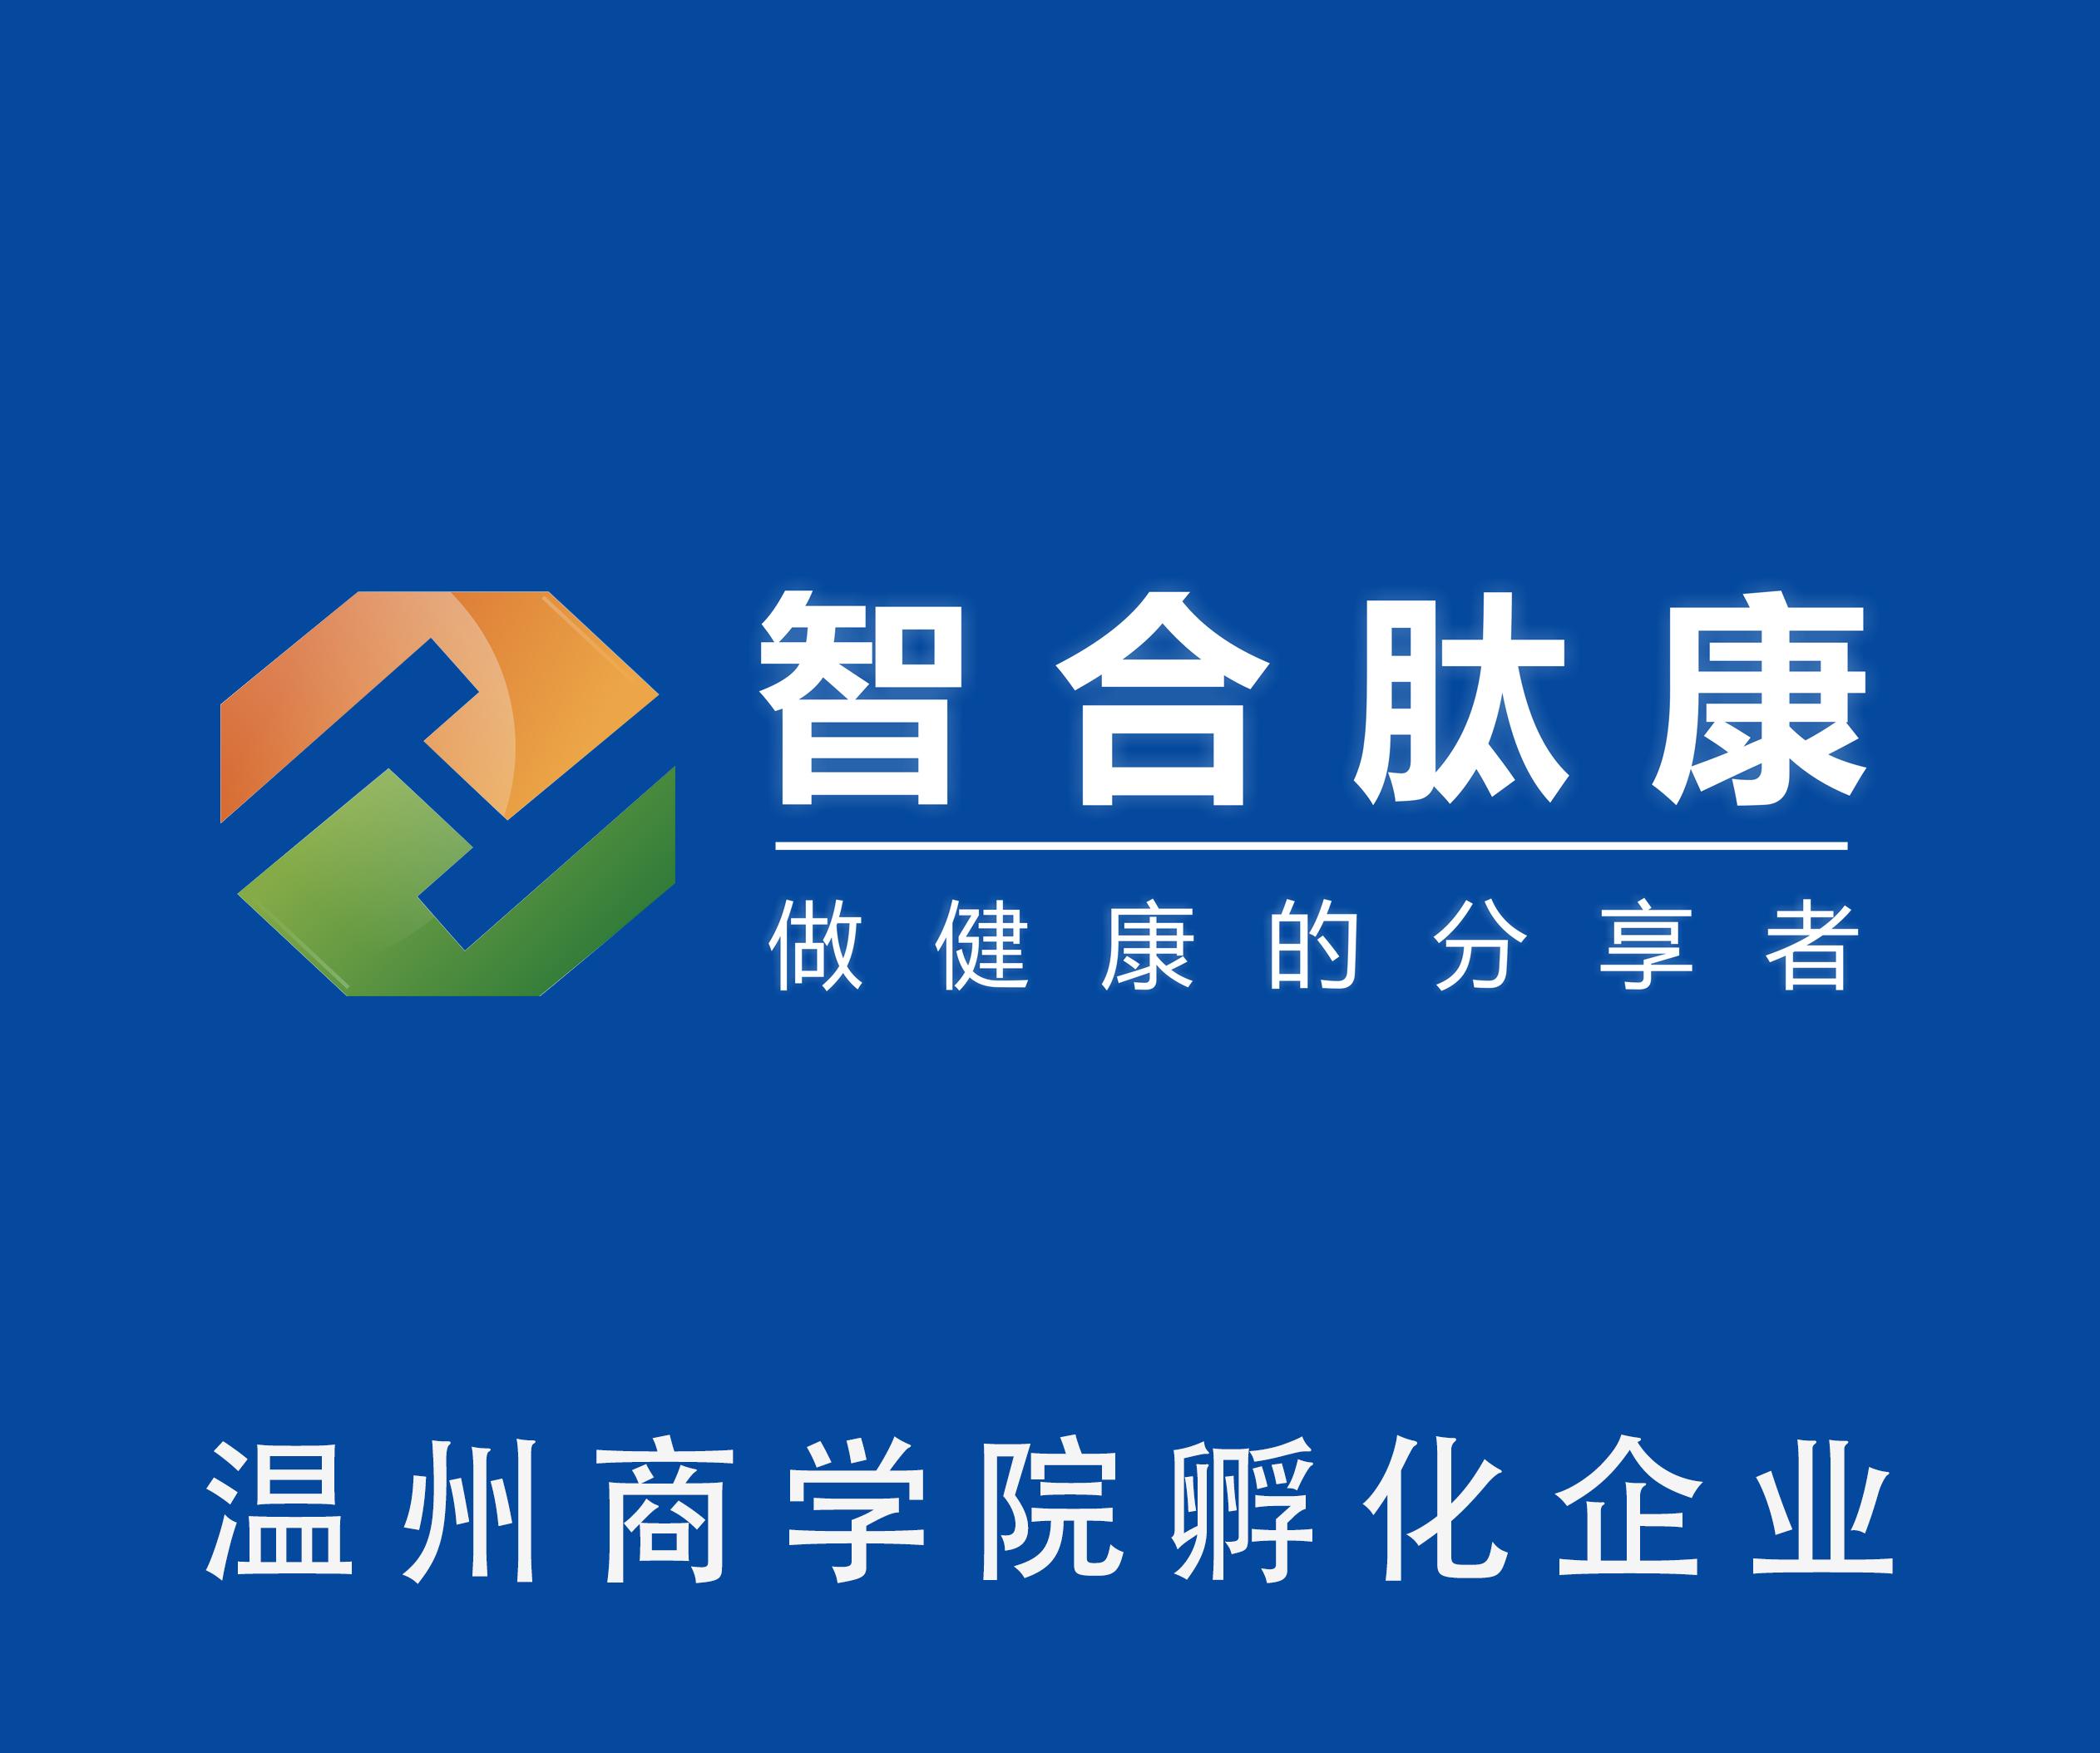 溫州智合肽康生物科技有限公司